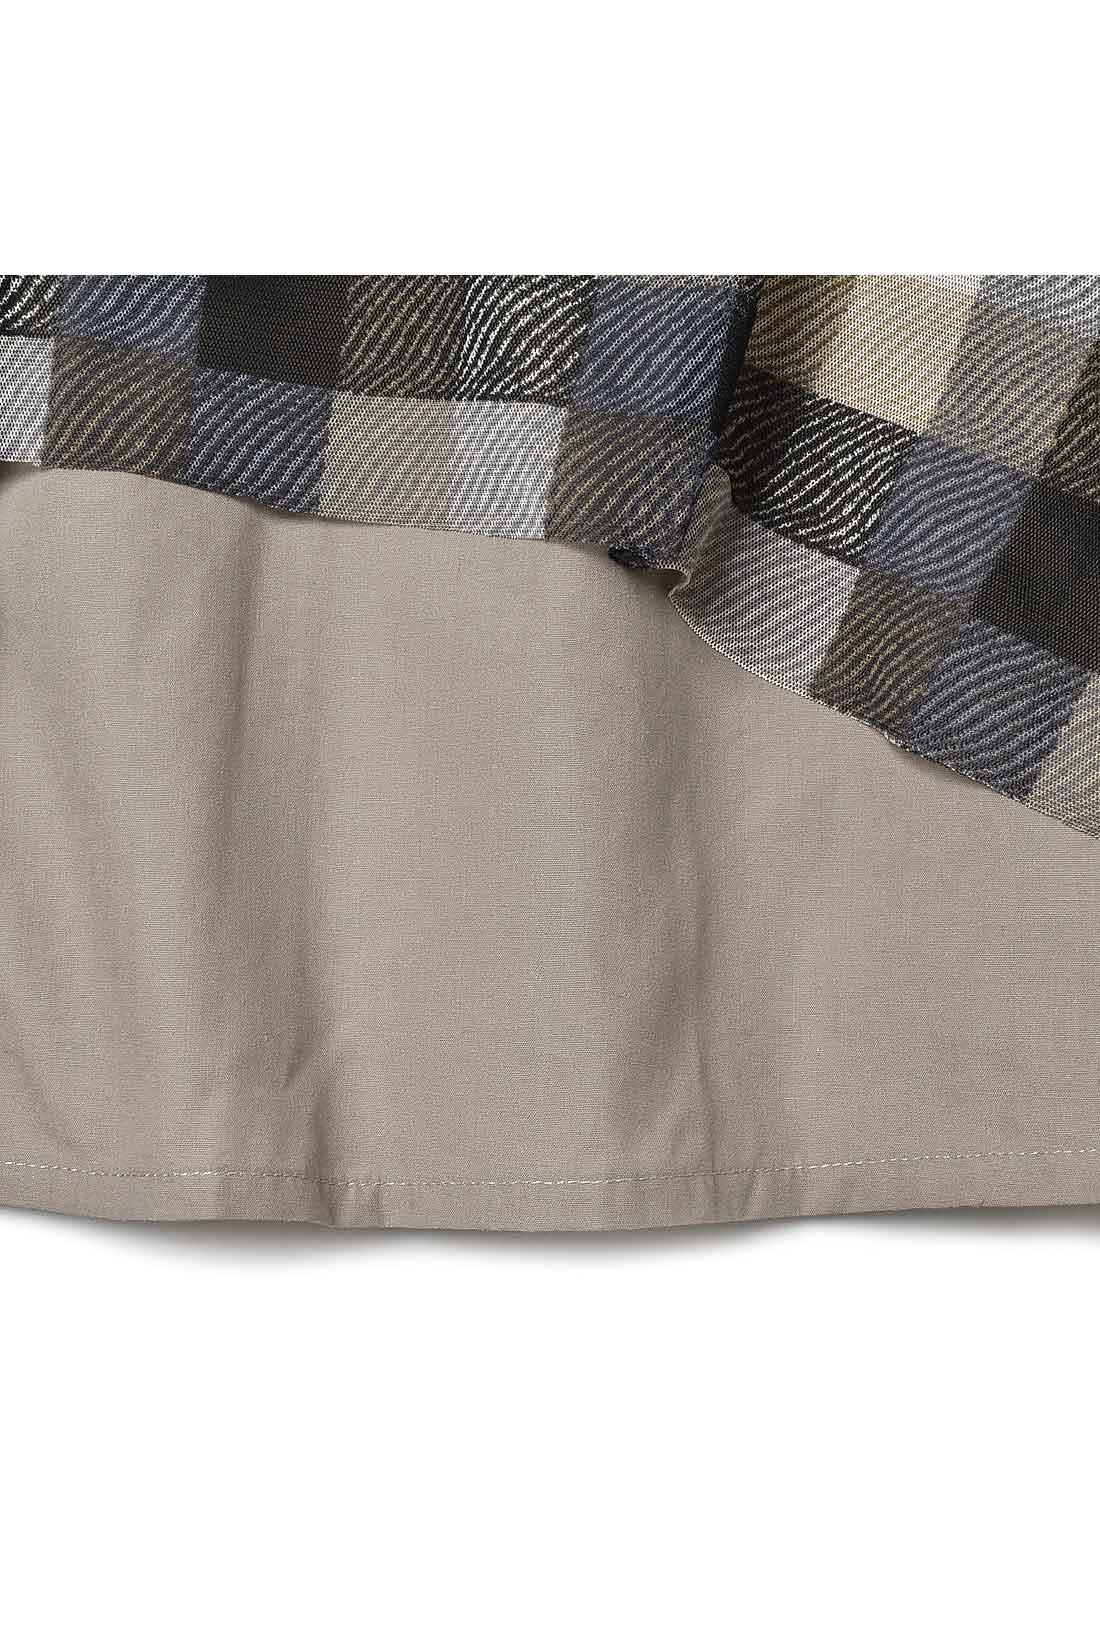 【裏地は布はく素材。】 やわらかなチュールがいい感じのボリュームになるように、裏地にはややハリのある布はく素材を選んでいます。